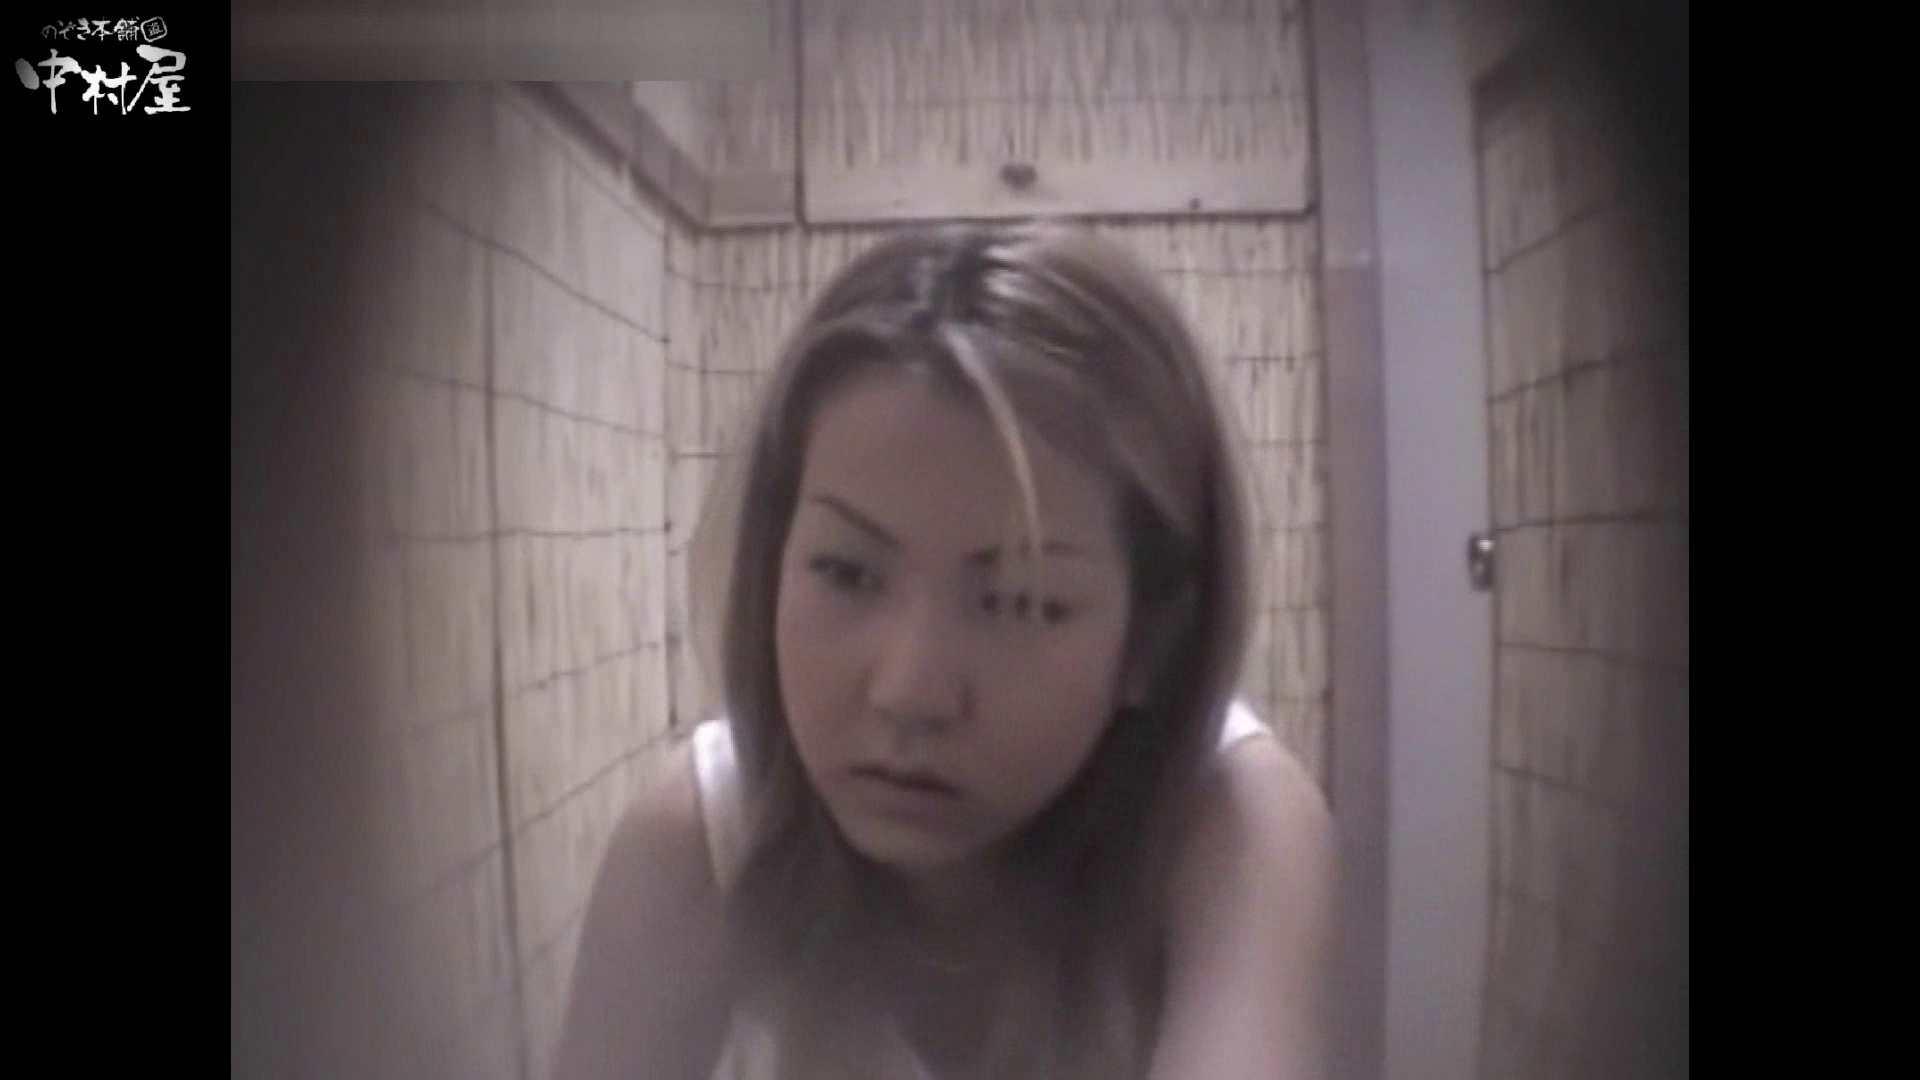 解禁!海の家4カメ洗面所vol.47 人気シリーズ | エロギャル  84画像 74